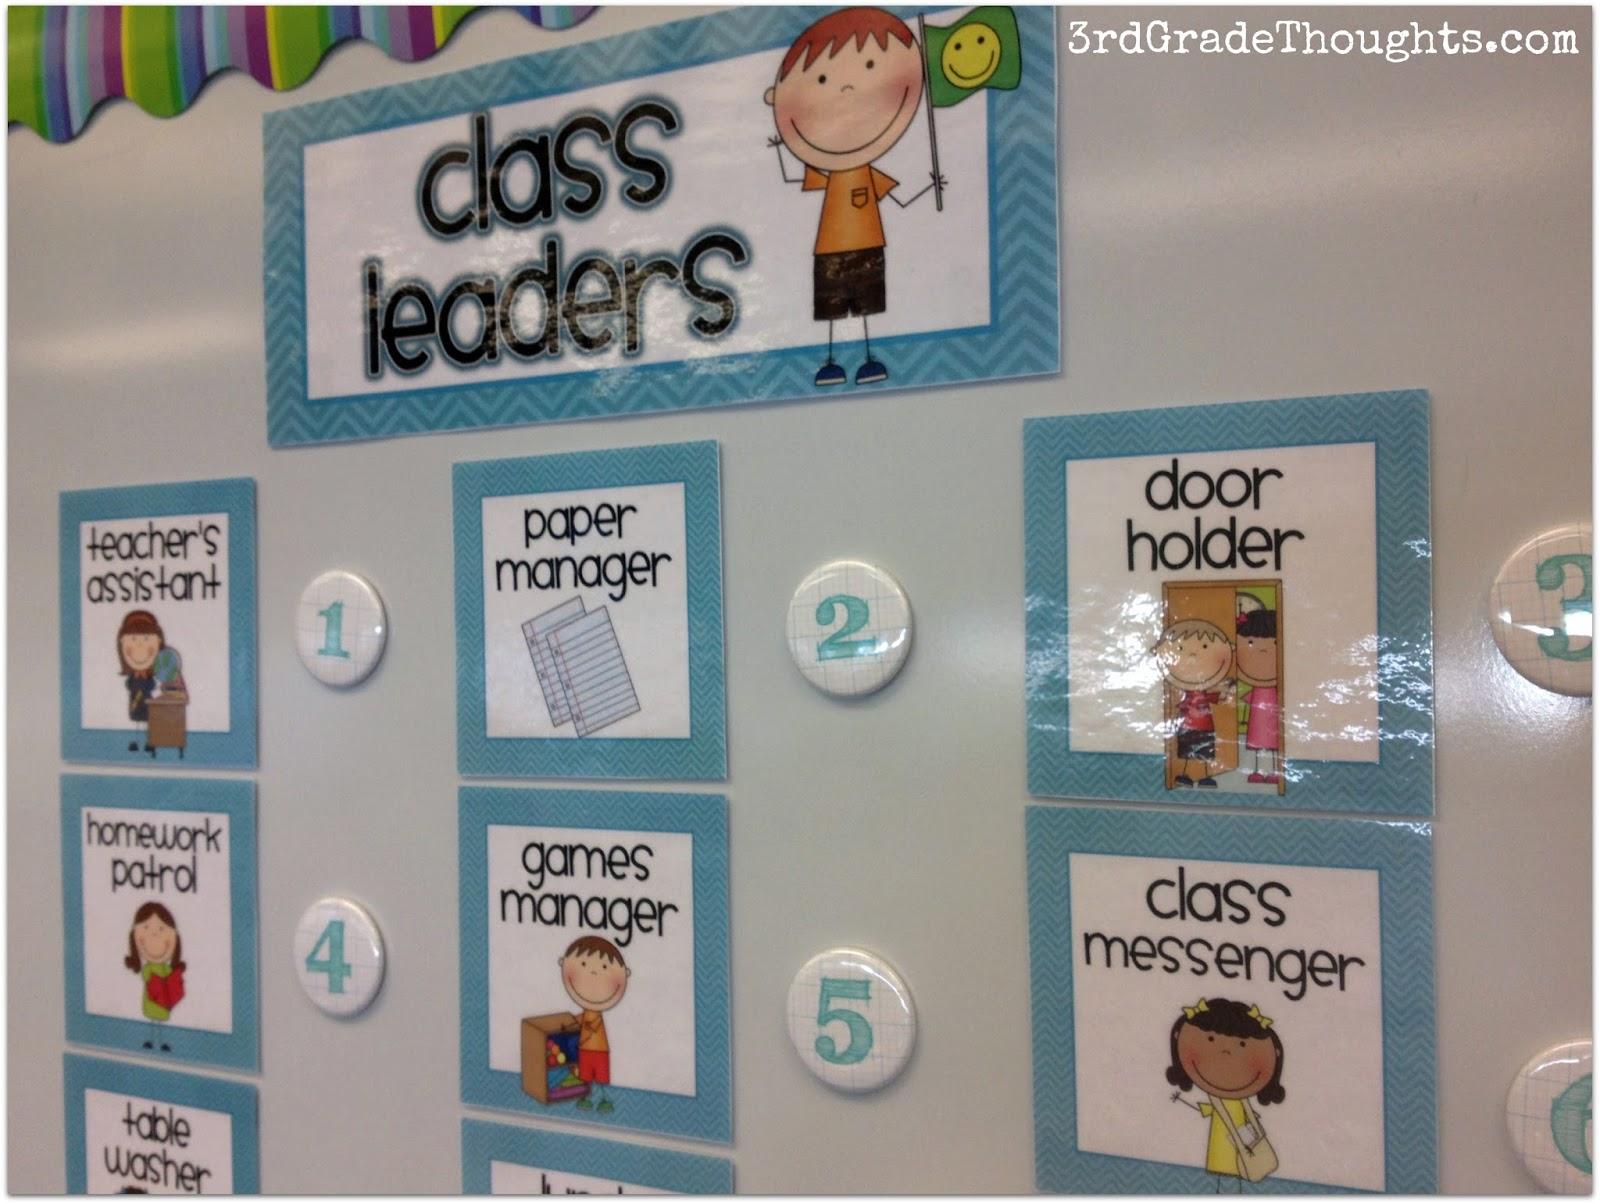 Classroom Job Ideas 3rd Grade ~ Classroom job class greeter rd grade thoughts